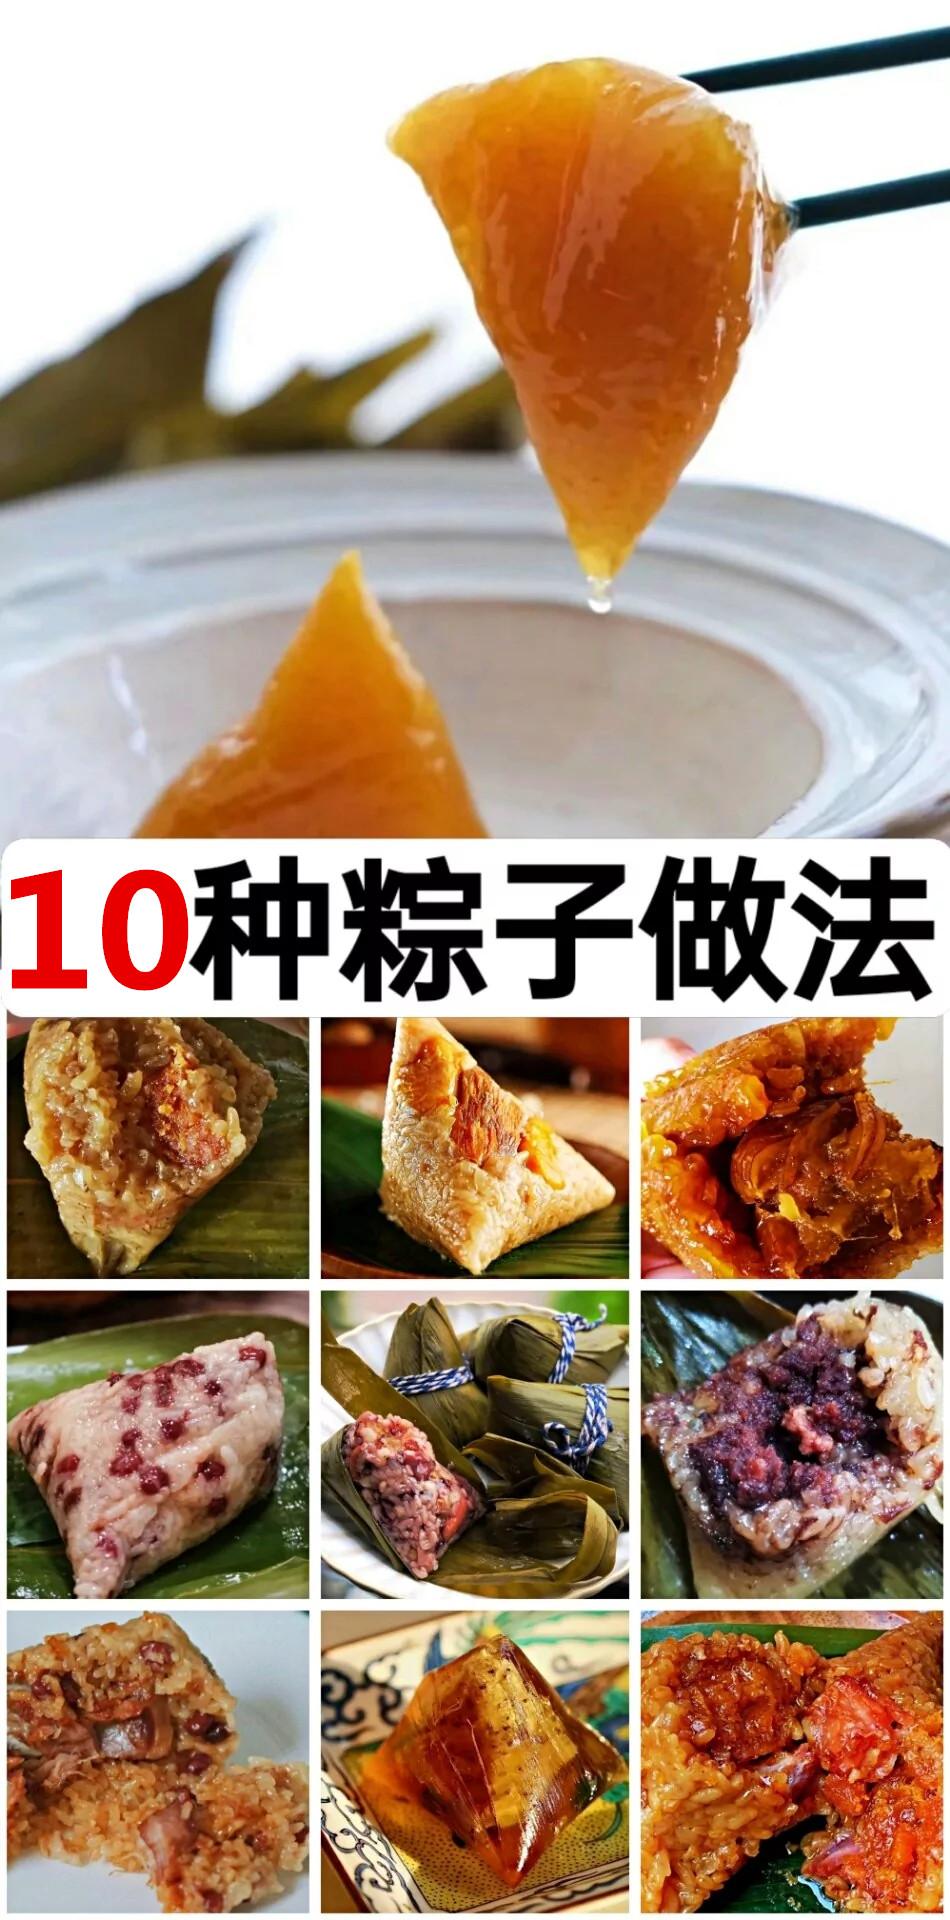 10种粽子的做法及配料!粽子馅种类大全!端午节粽子制作方法教程 美食做法 第1张